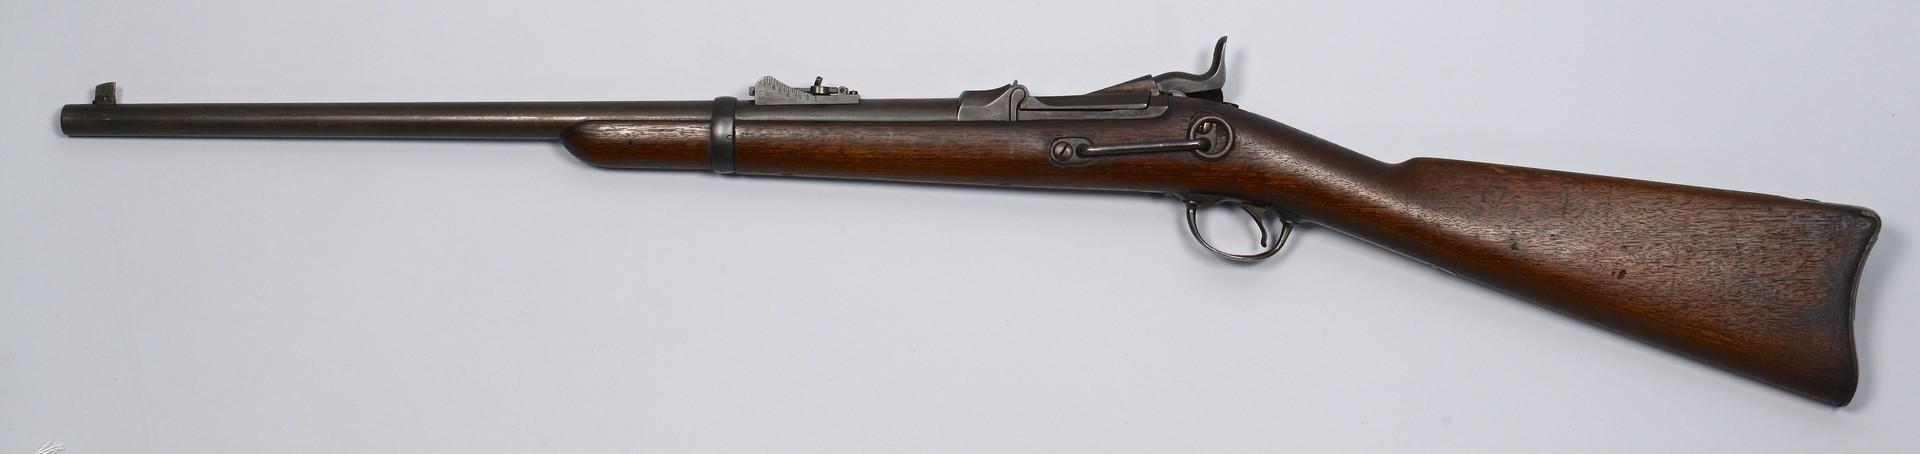 Lot 196: U.S. Model 1873 Springfield Carbine